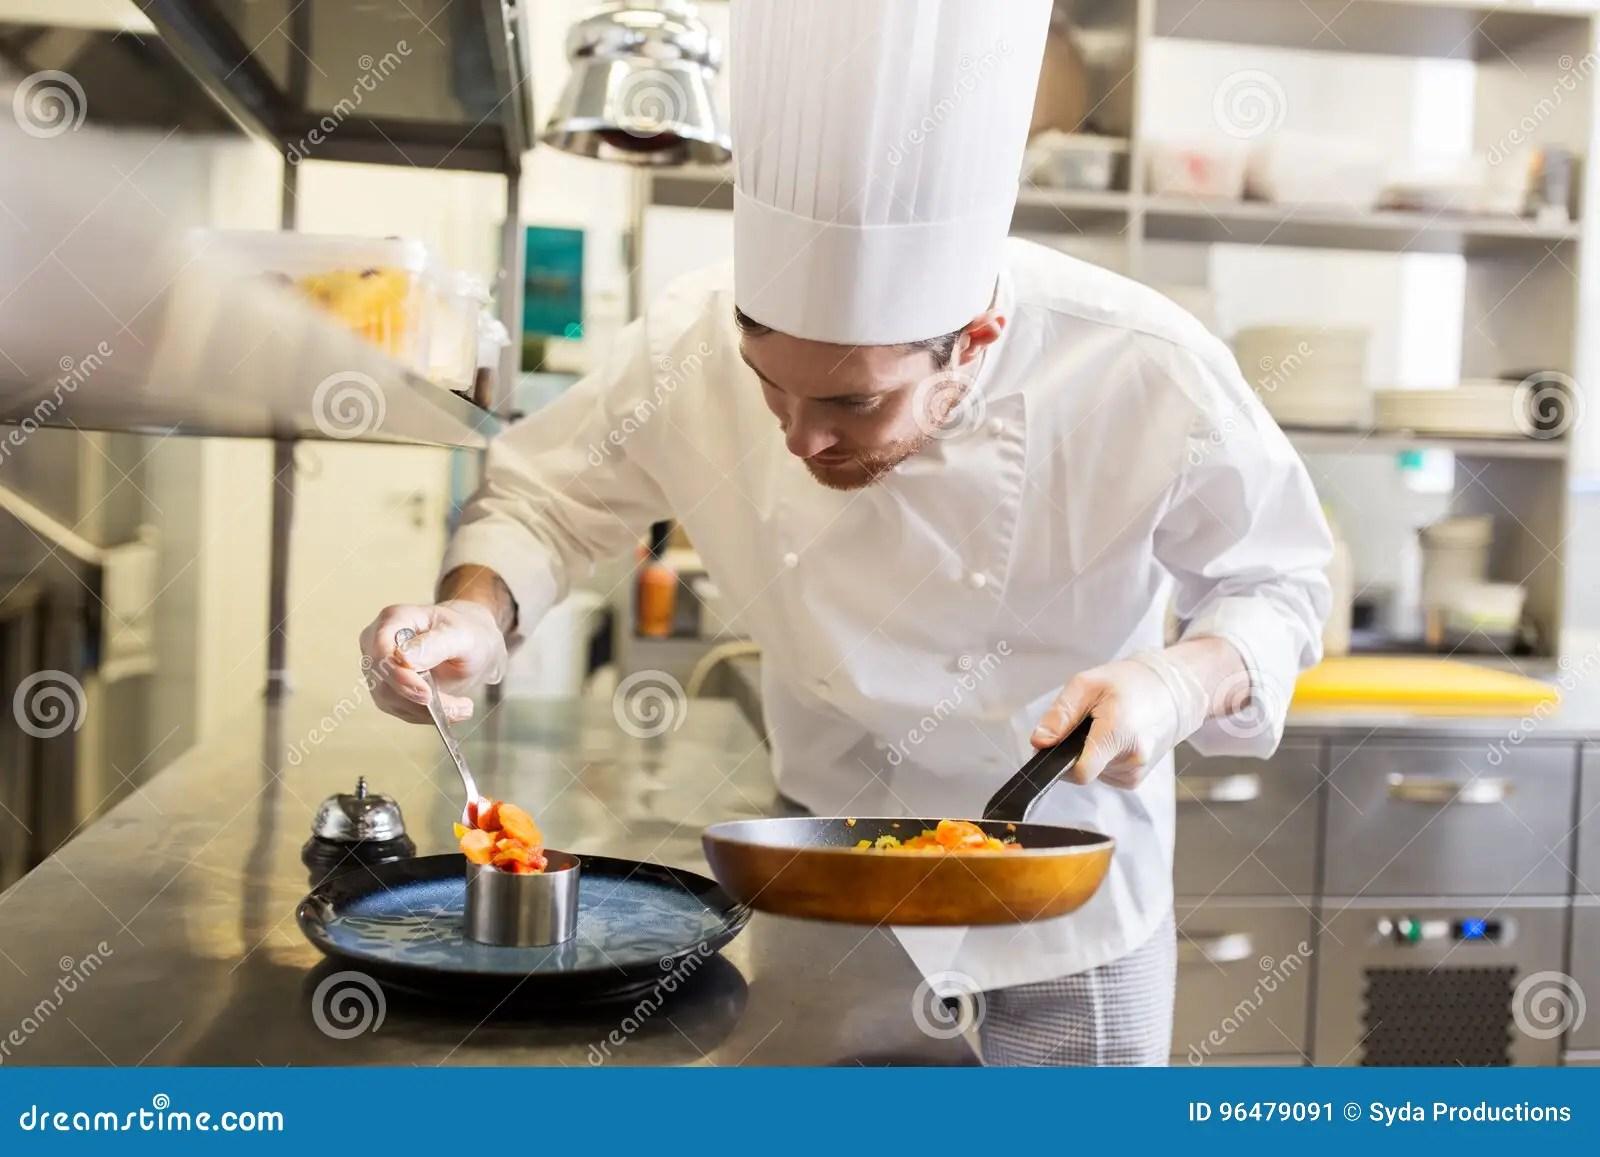 kitchen chief can lights 烹调食物的愉快的男性厨师在餐馆厨房库存图片 图片包括有厨师 装饰 烹调食物的愉快的男性厨师在餐馆厨房